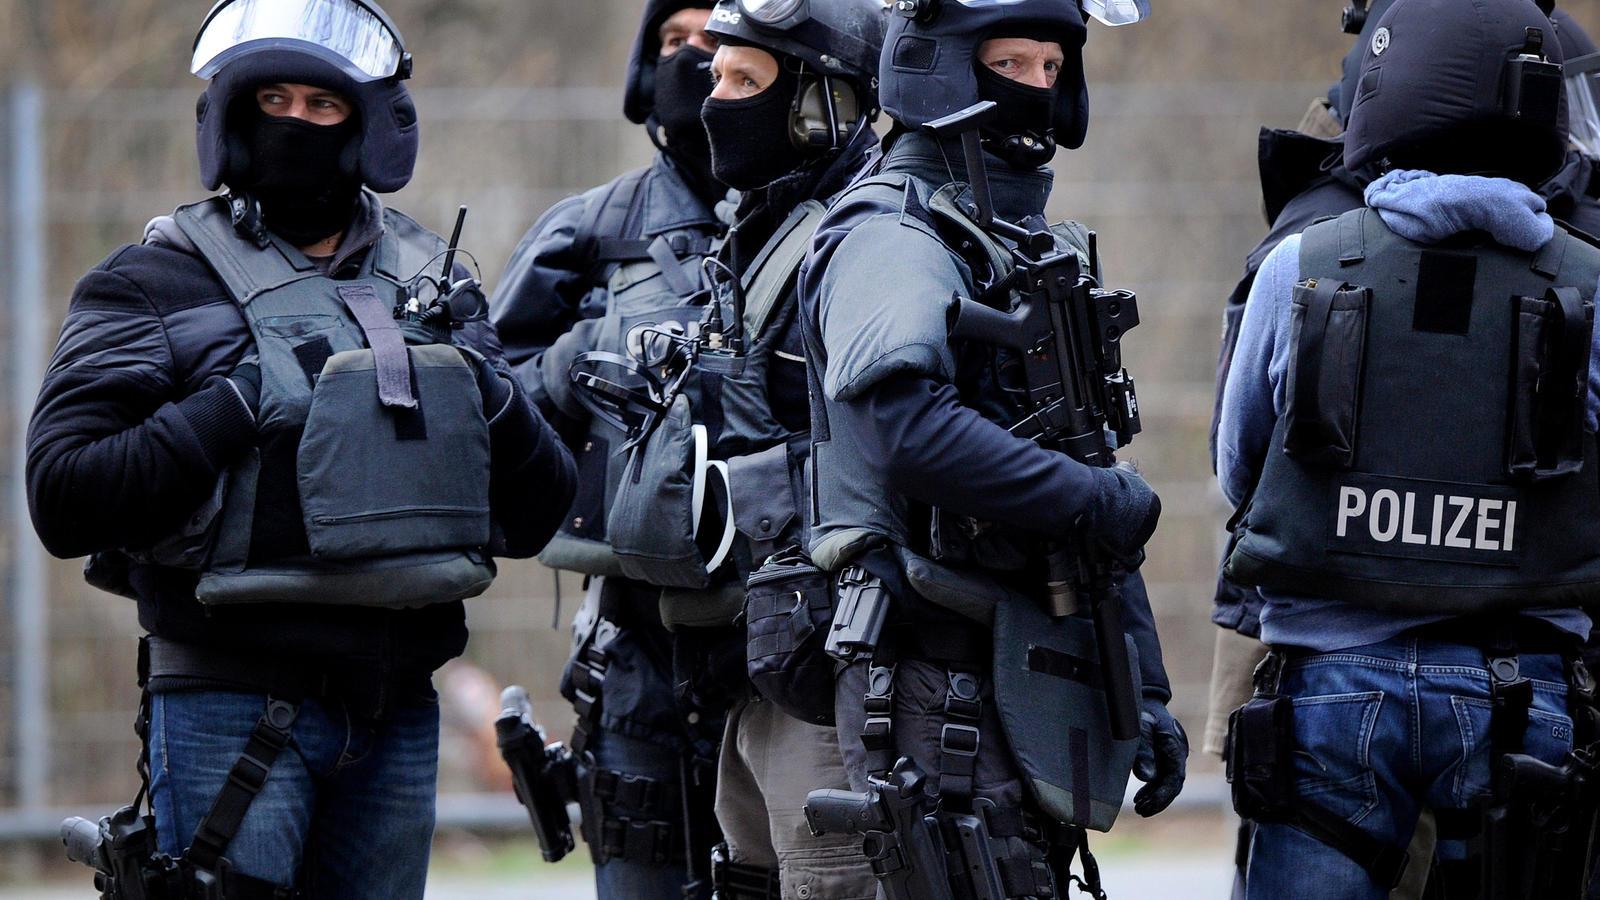 17-jähriger Iraker in Eschwege festgenommen: Terrorgefahr?